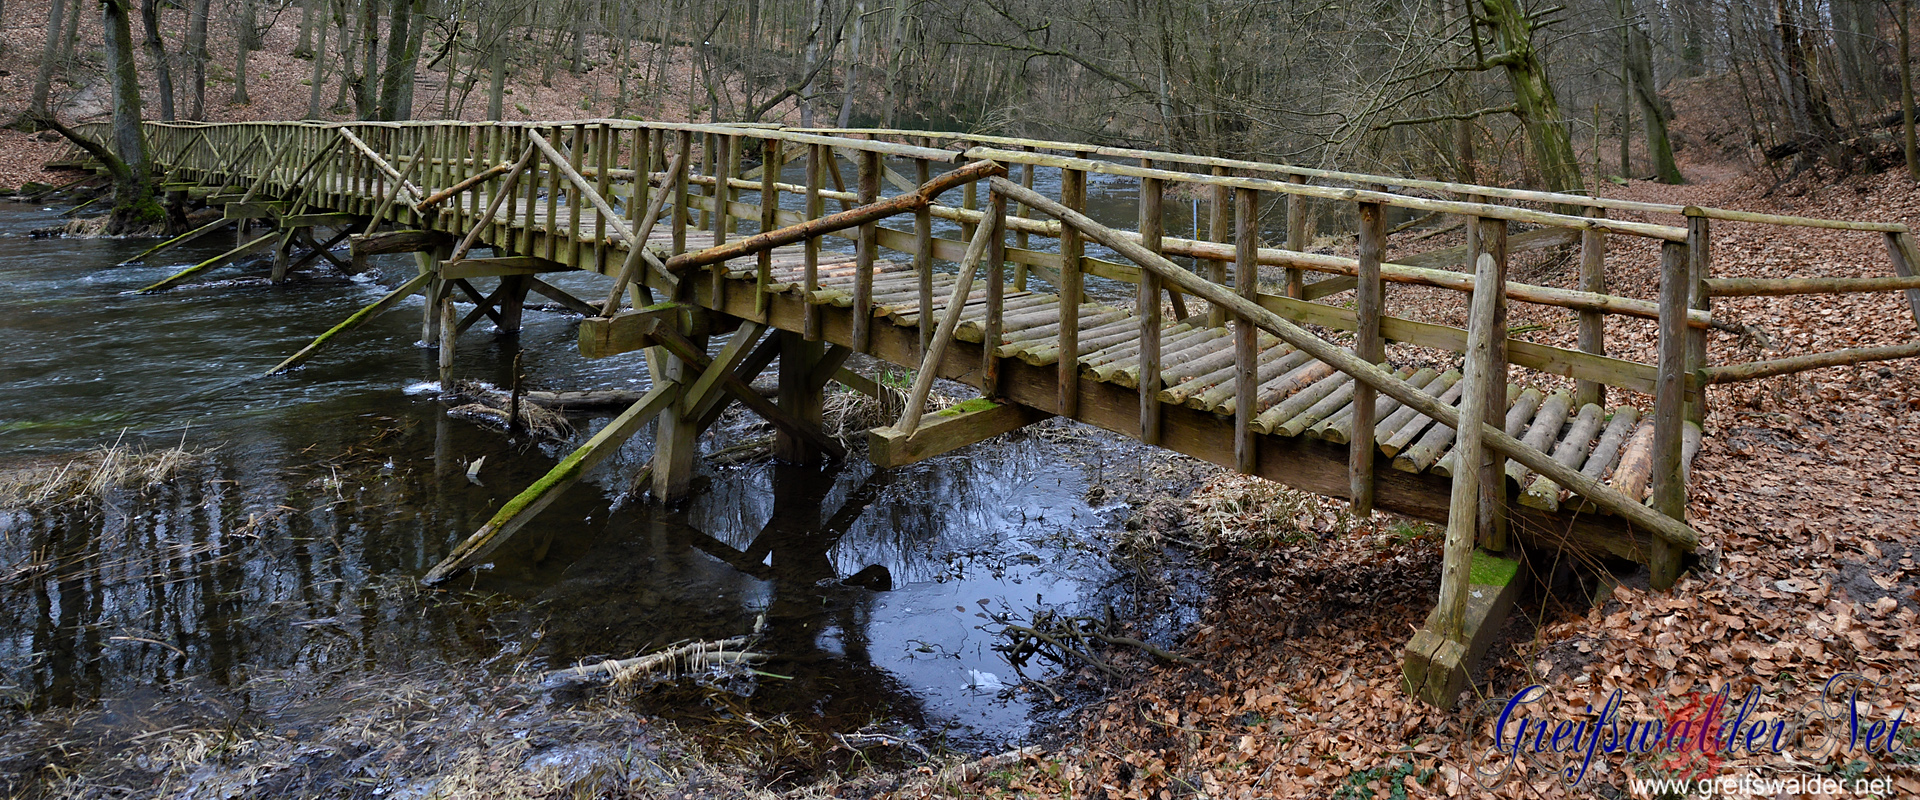 Brücke im Warnow-Durchbruchstal